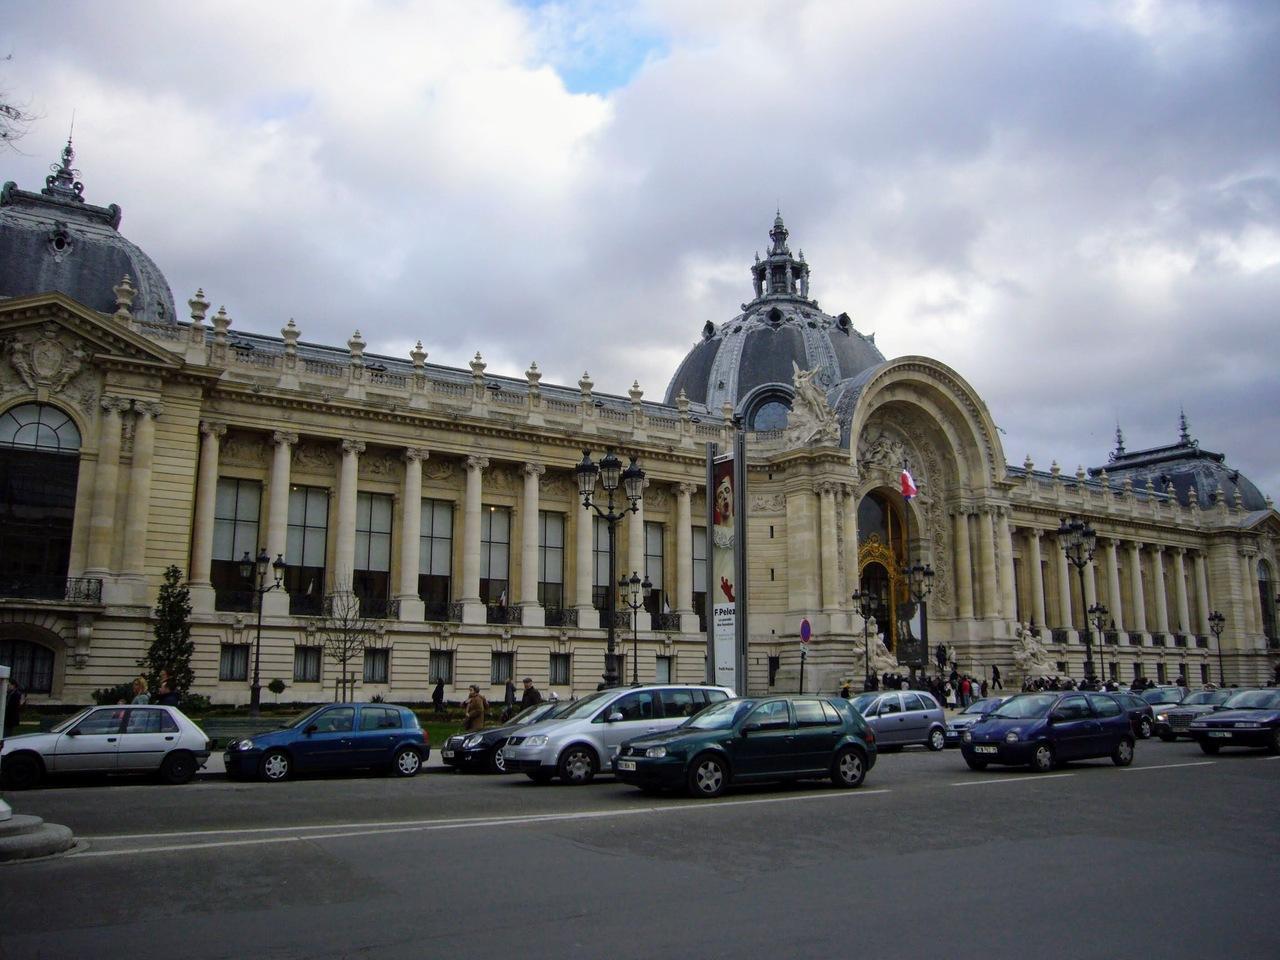 『2009-10☆パリ8日間☆凱旋門』パリ(フランス)の旅行記・ブログ ...